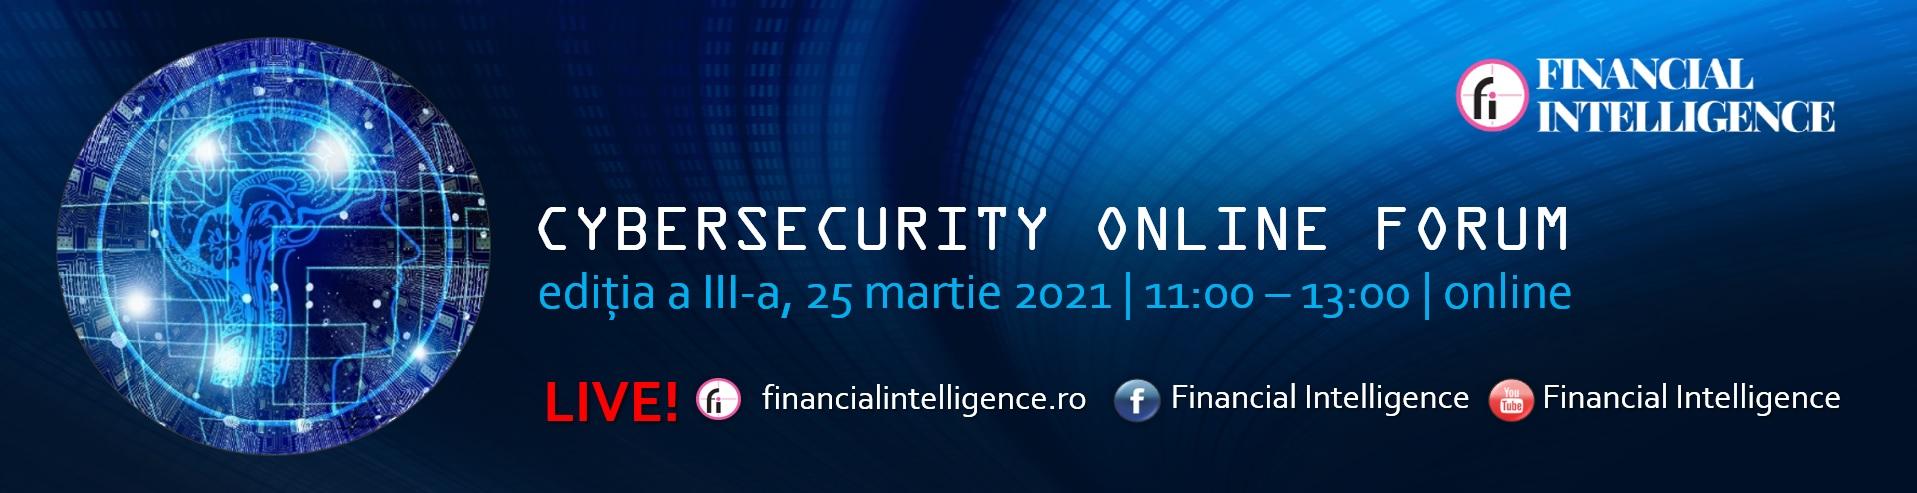 cybersecurity-online-forum-2021